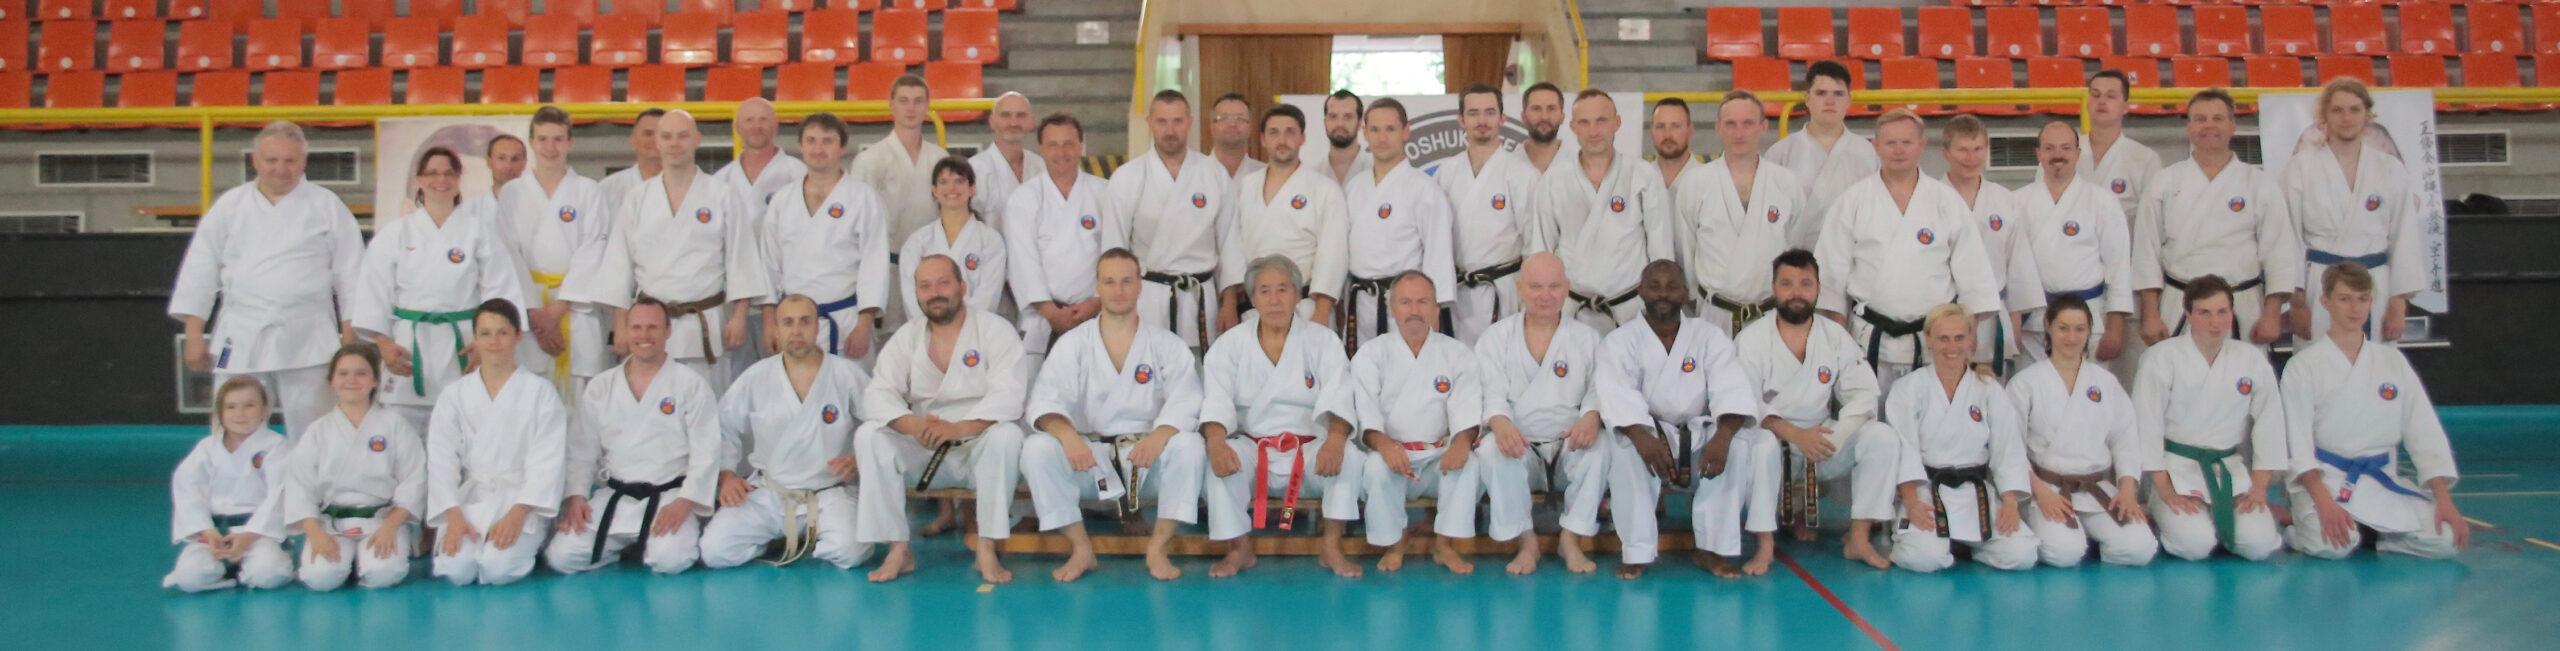 Mezinárodní Gasshuku WOF CZECH - Okinawa Shorin-ryu Karate & Okinawa Kobudo (2.-3.6.2018, Liberec) @ Liberec (Česká republika)